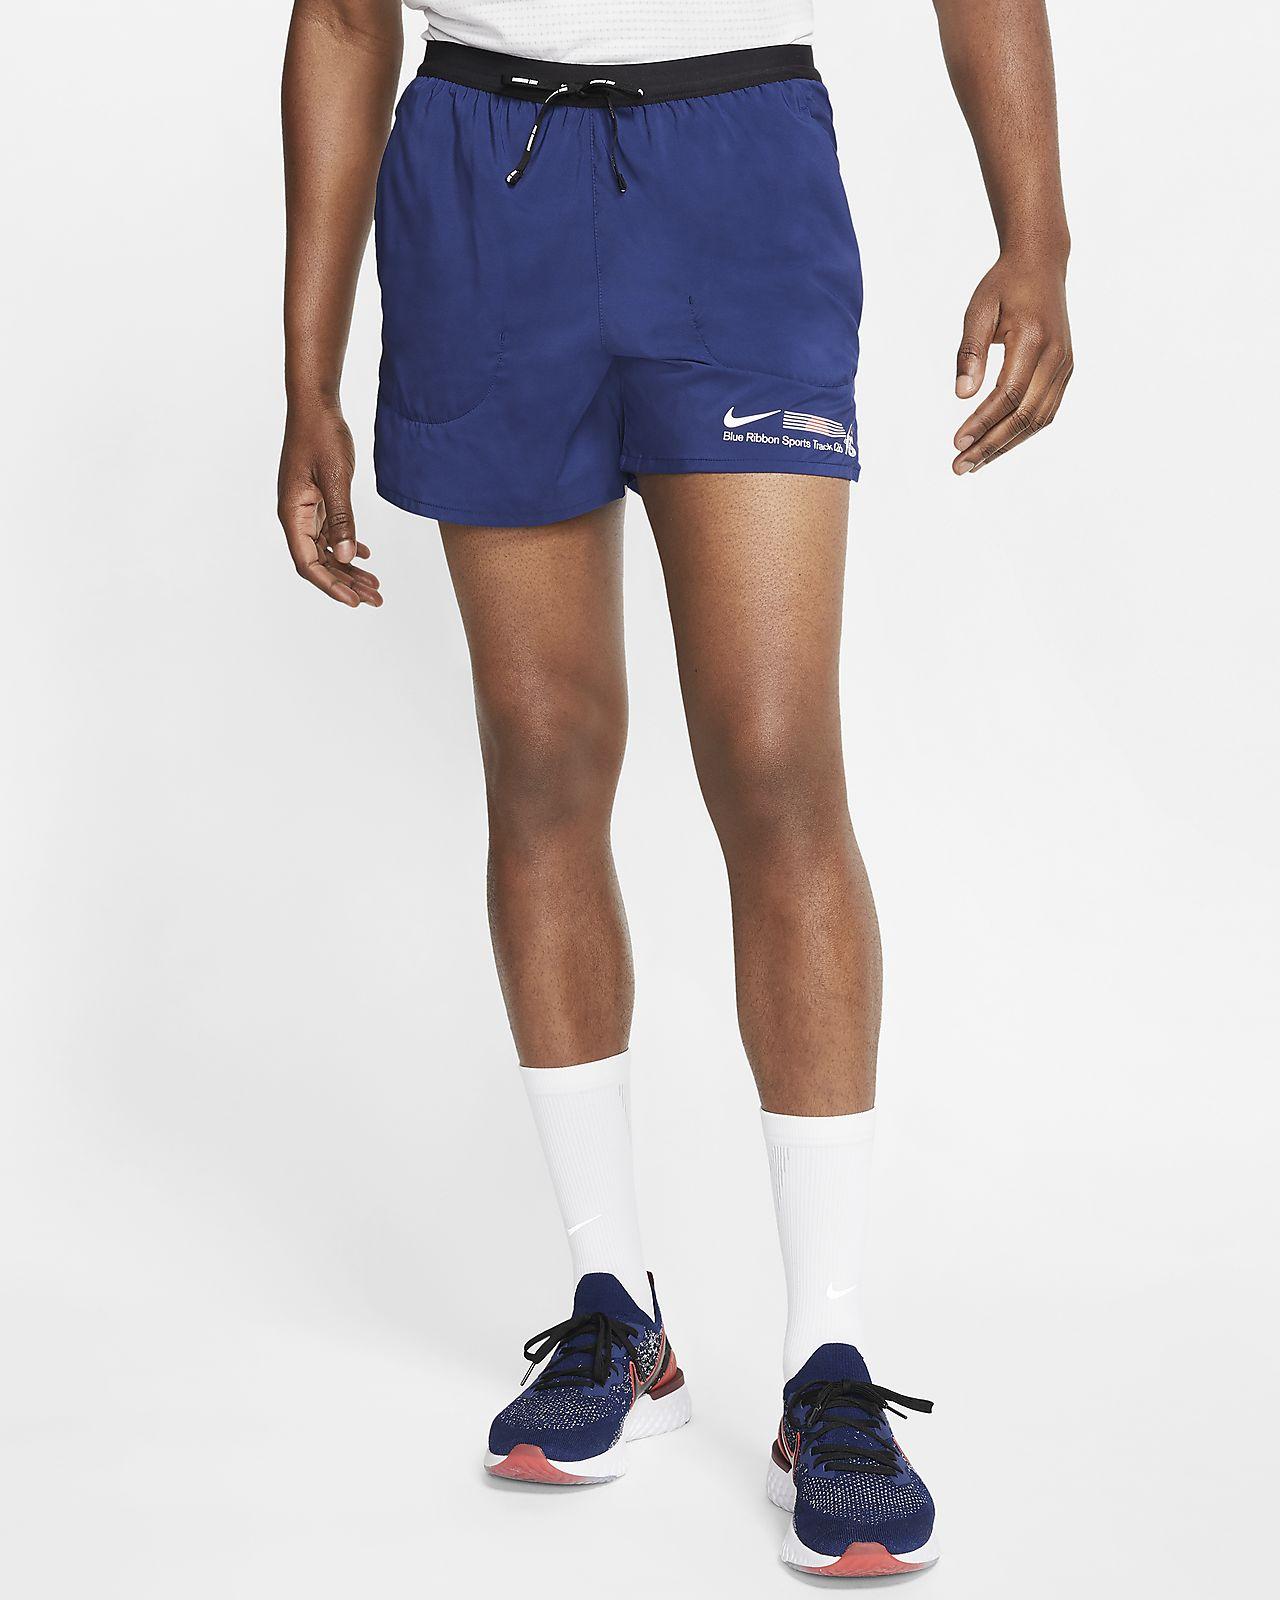 Ανδρικό σορτς για τρέξιμο με επένδυση εσωτερικού σορτς Nike Flex Stride Blue Ribbon Sports 13 cm